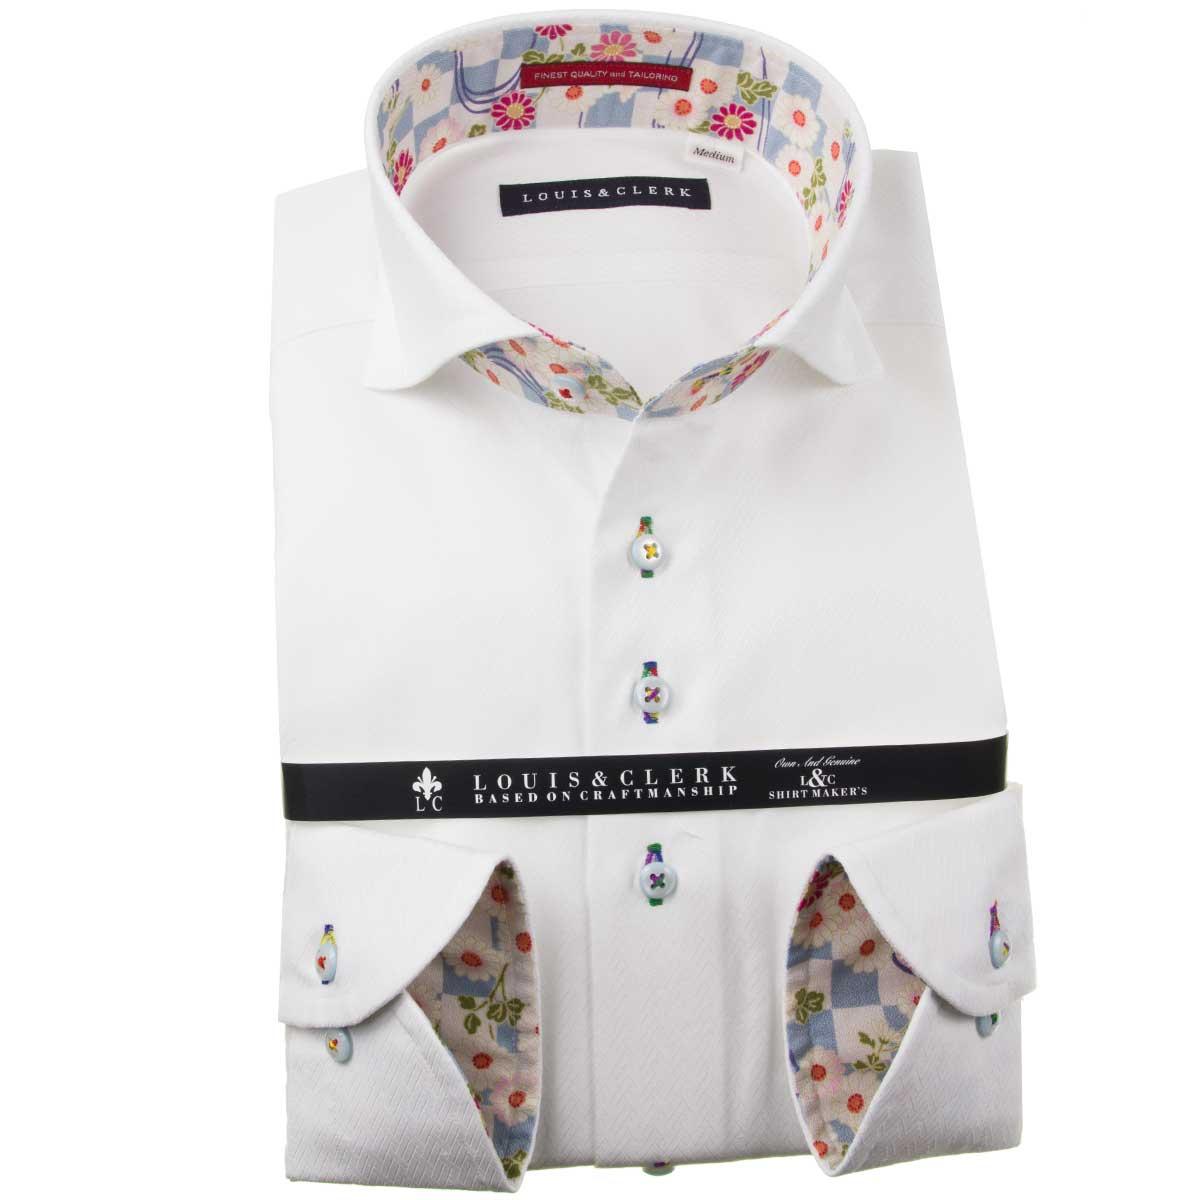 ドレスシャツ ワイシャツ シャツ メンズ 国産 長袖 純綿100% コンフォート カッタウェイワイド ホワイト ジャガード織ヘリンボーンストライプ 1910 fs3gm